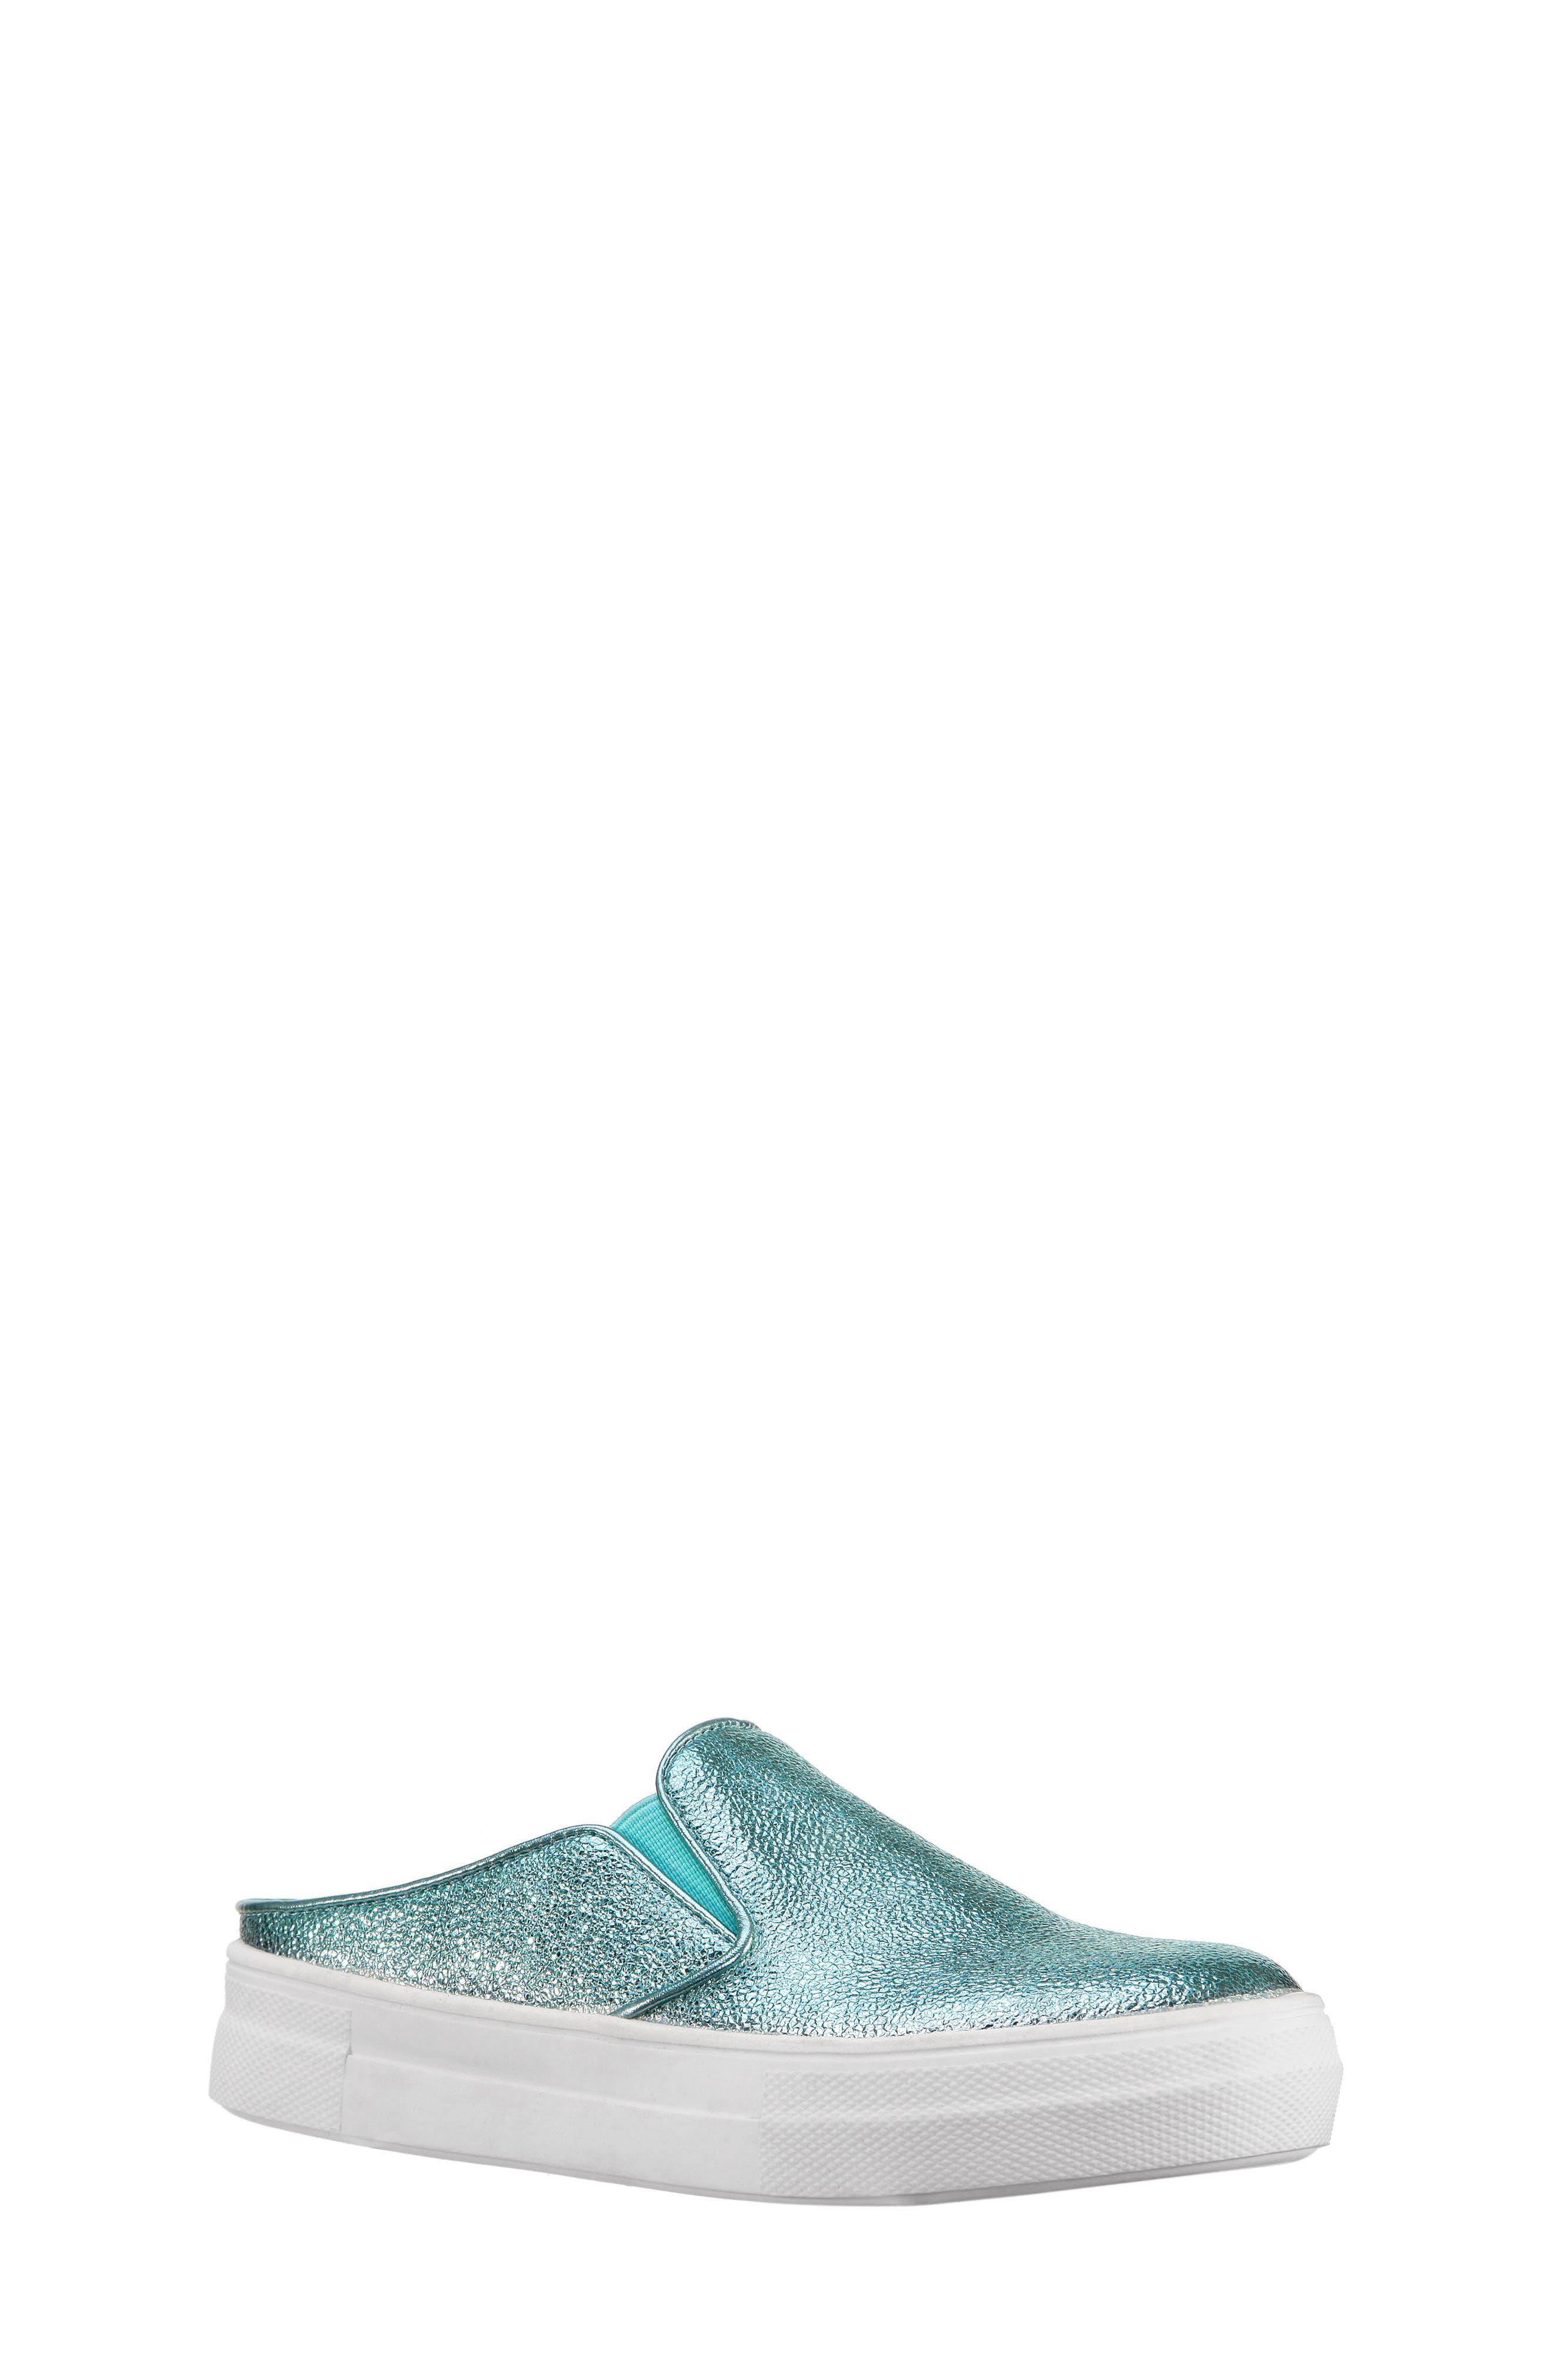 Gail Metallic Slip-On Sneaker Mule,                             Main thumbnail 2, color,